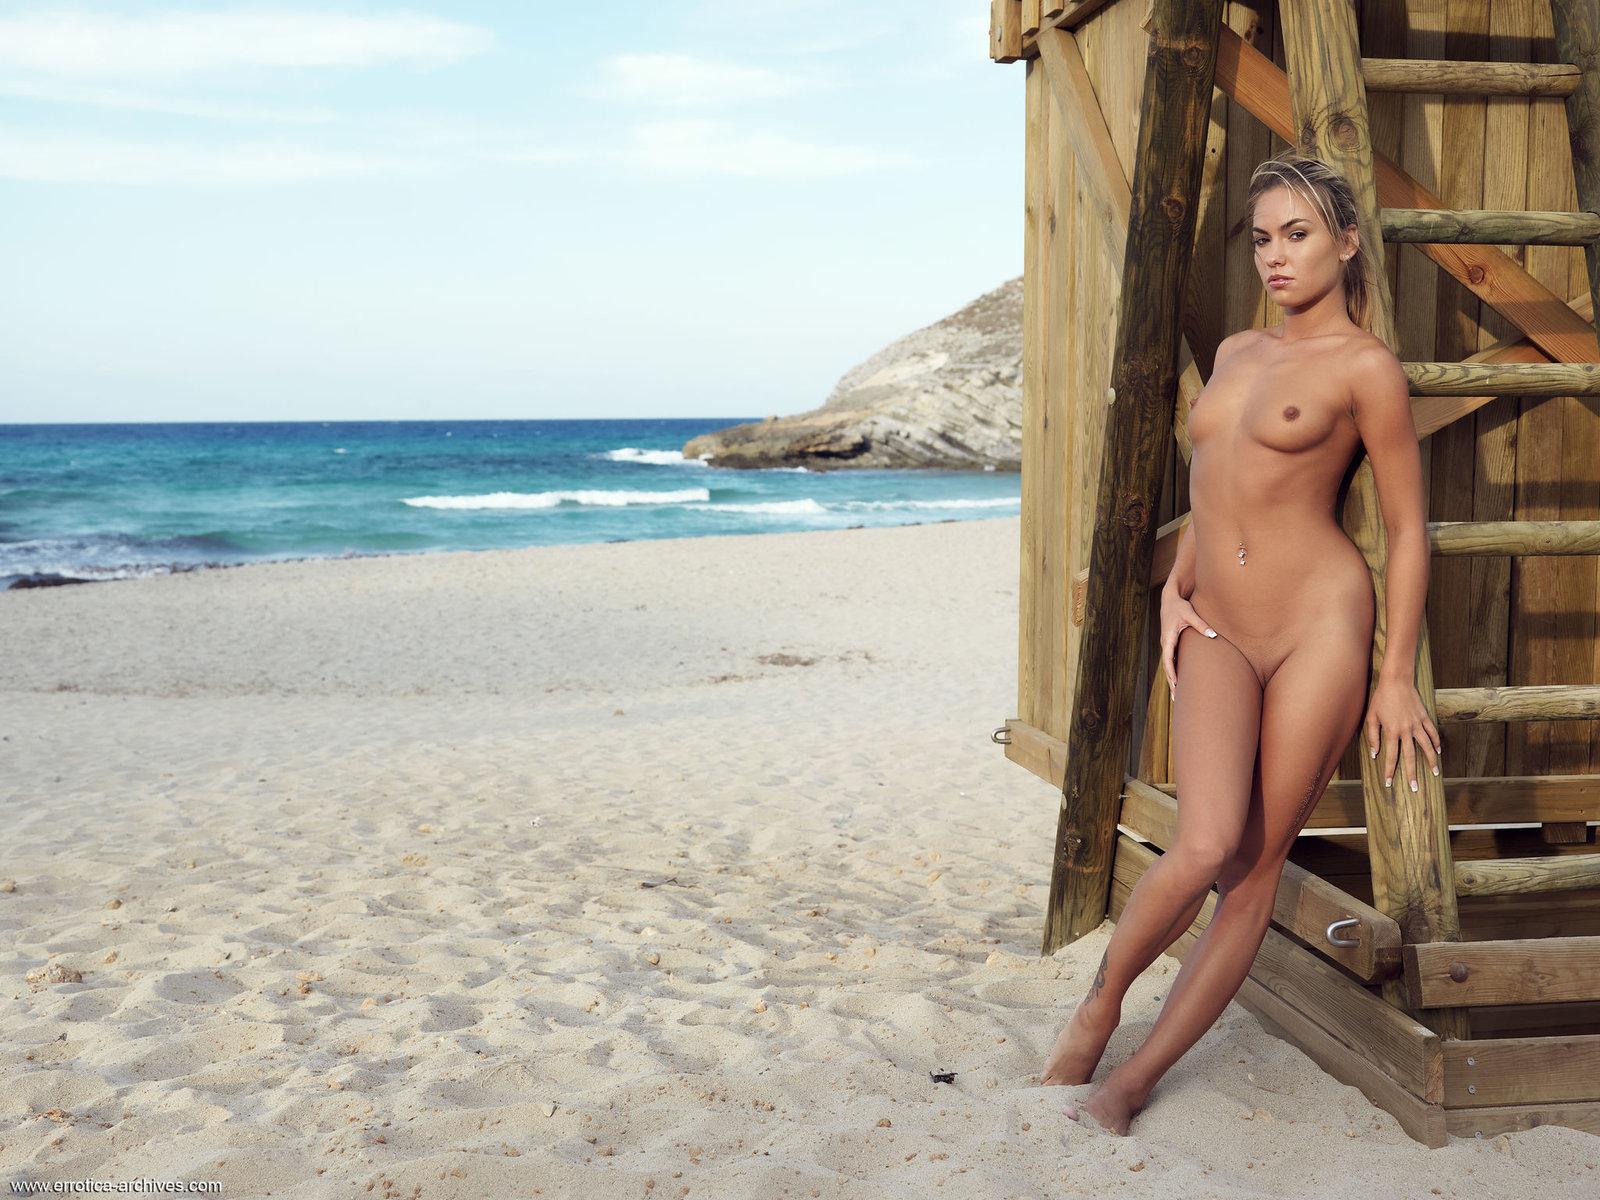 Как ходят голые девушки по пляжу, мини ролики секс